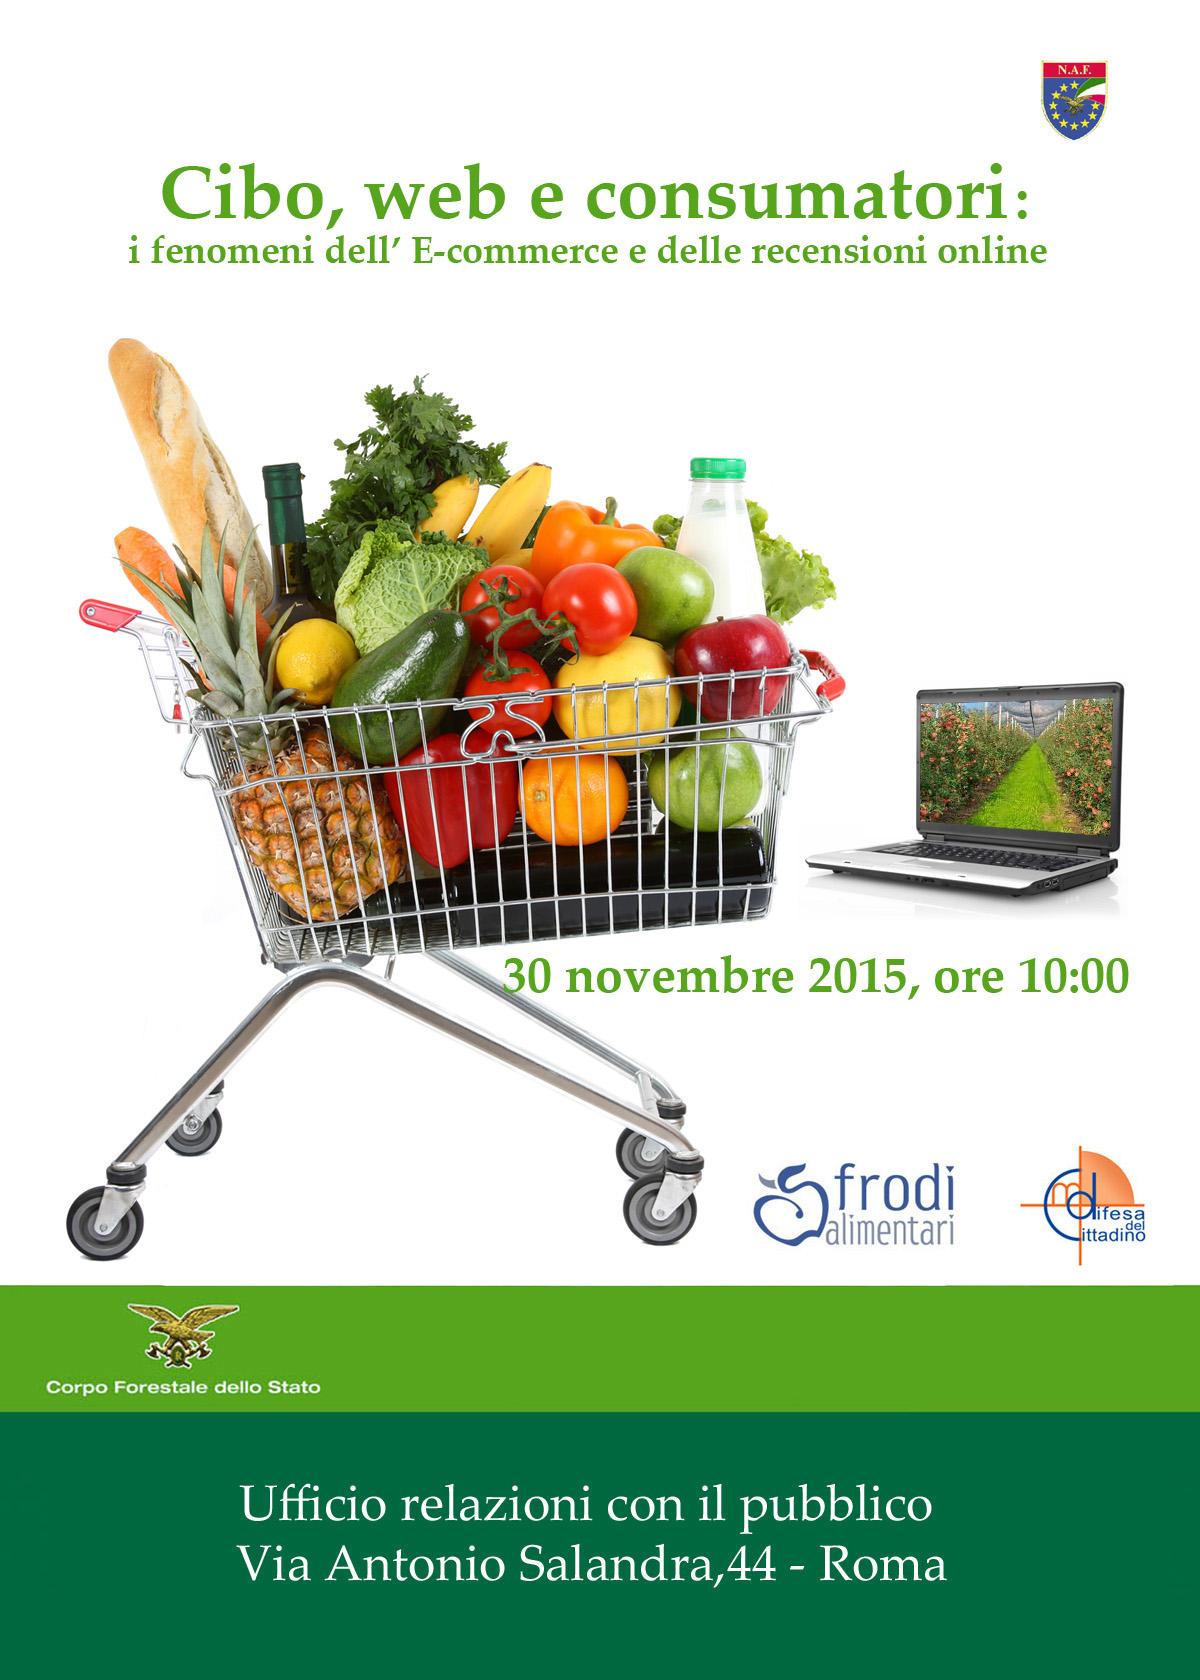 Cibo, Web E Consumatori: I Fenomeni Dell'e-commerce E Delle Recensioni Online